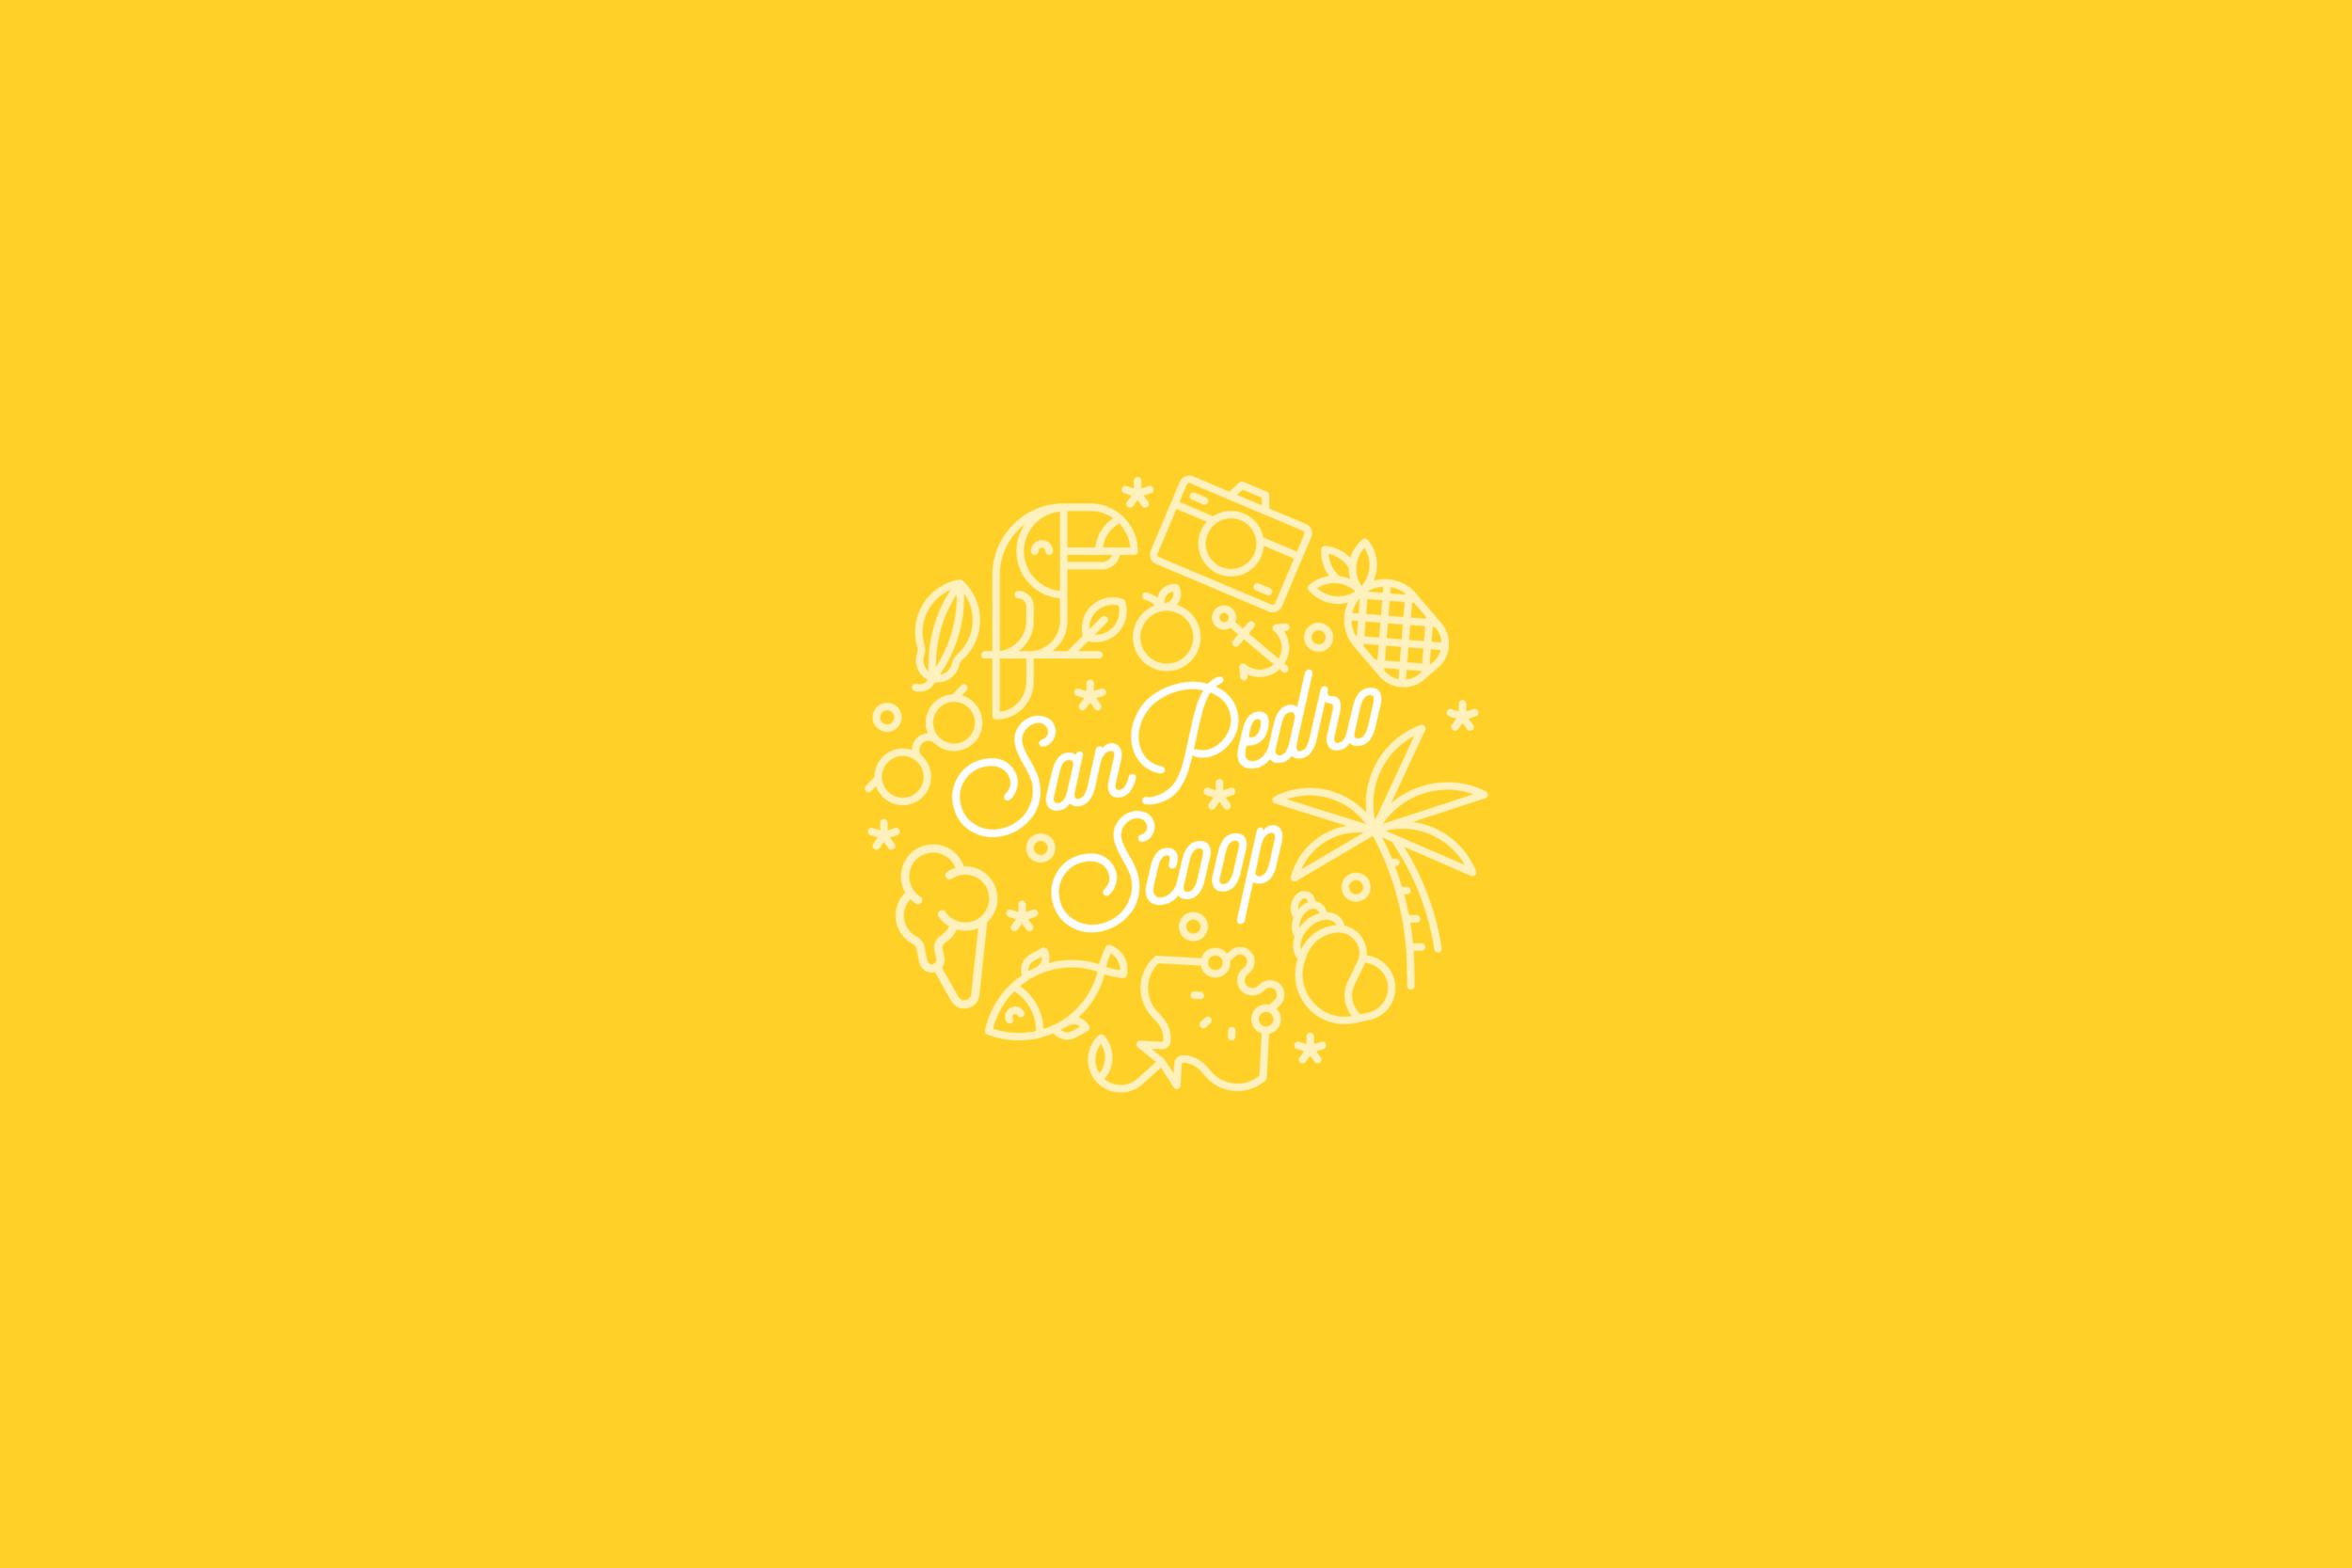 logos_2.png